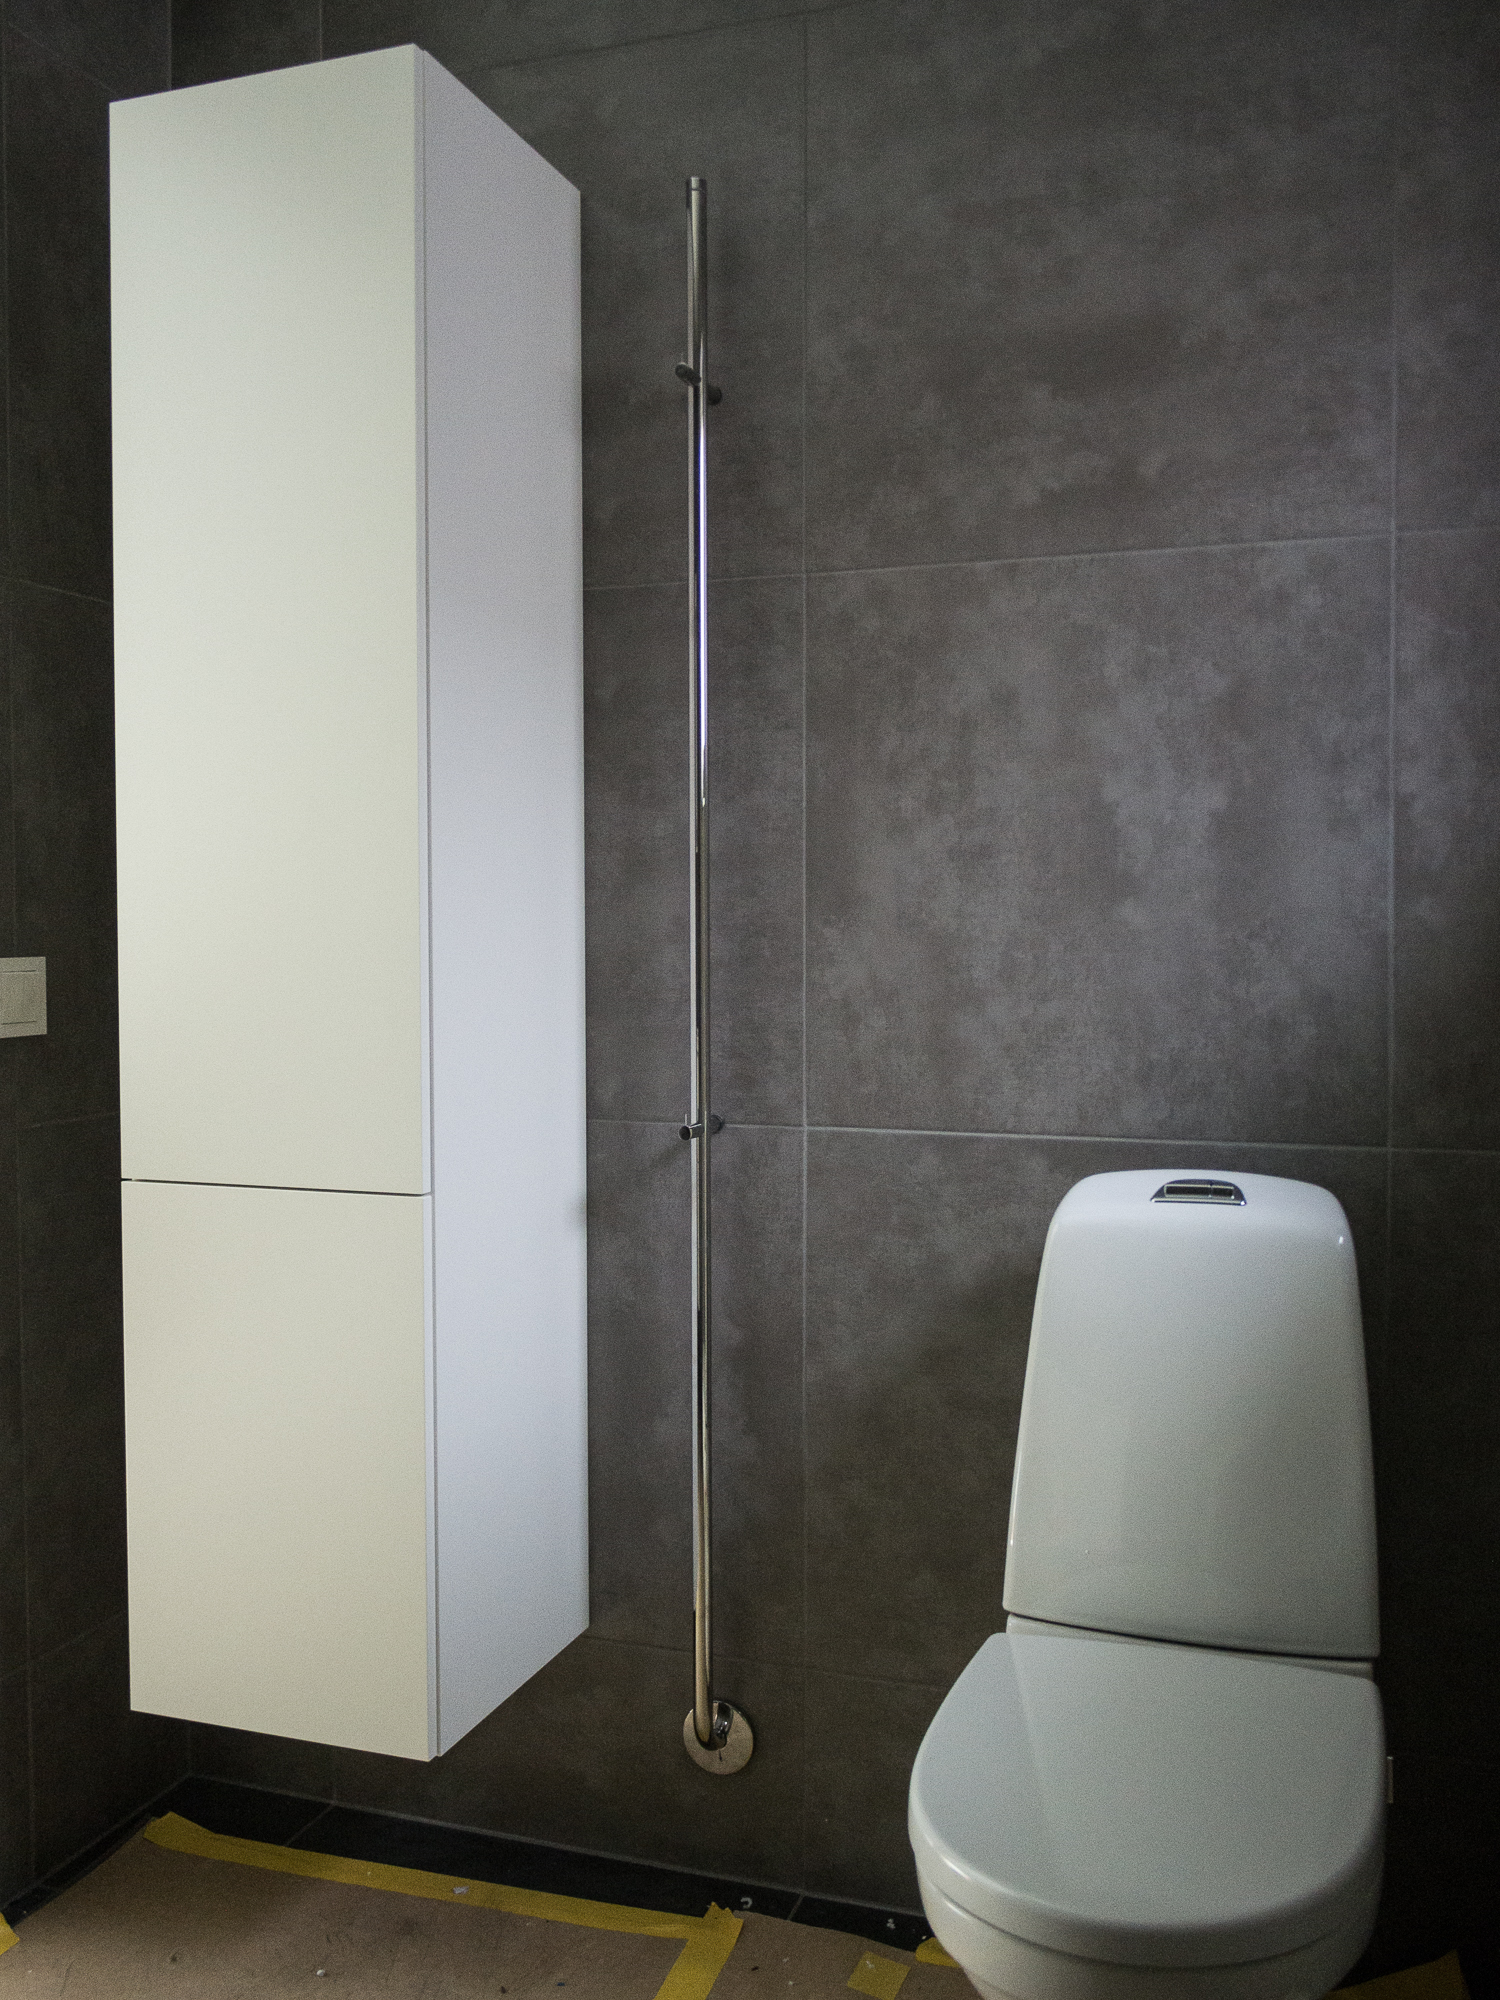 Våra badrumsmöbler är i  Gustavsbergs serie  Artic.     Toaletten är vägghängd och heter   Gustavsberg Nautic 1522   med utanpåliggande cistern (sponsor).